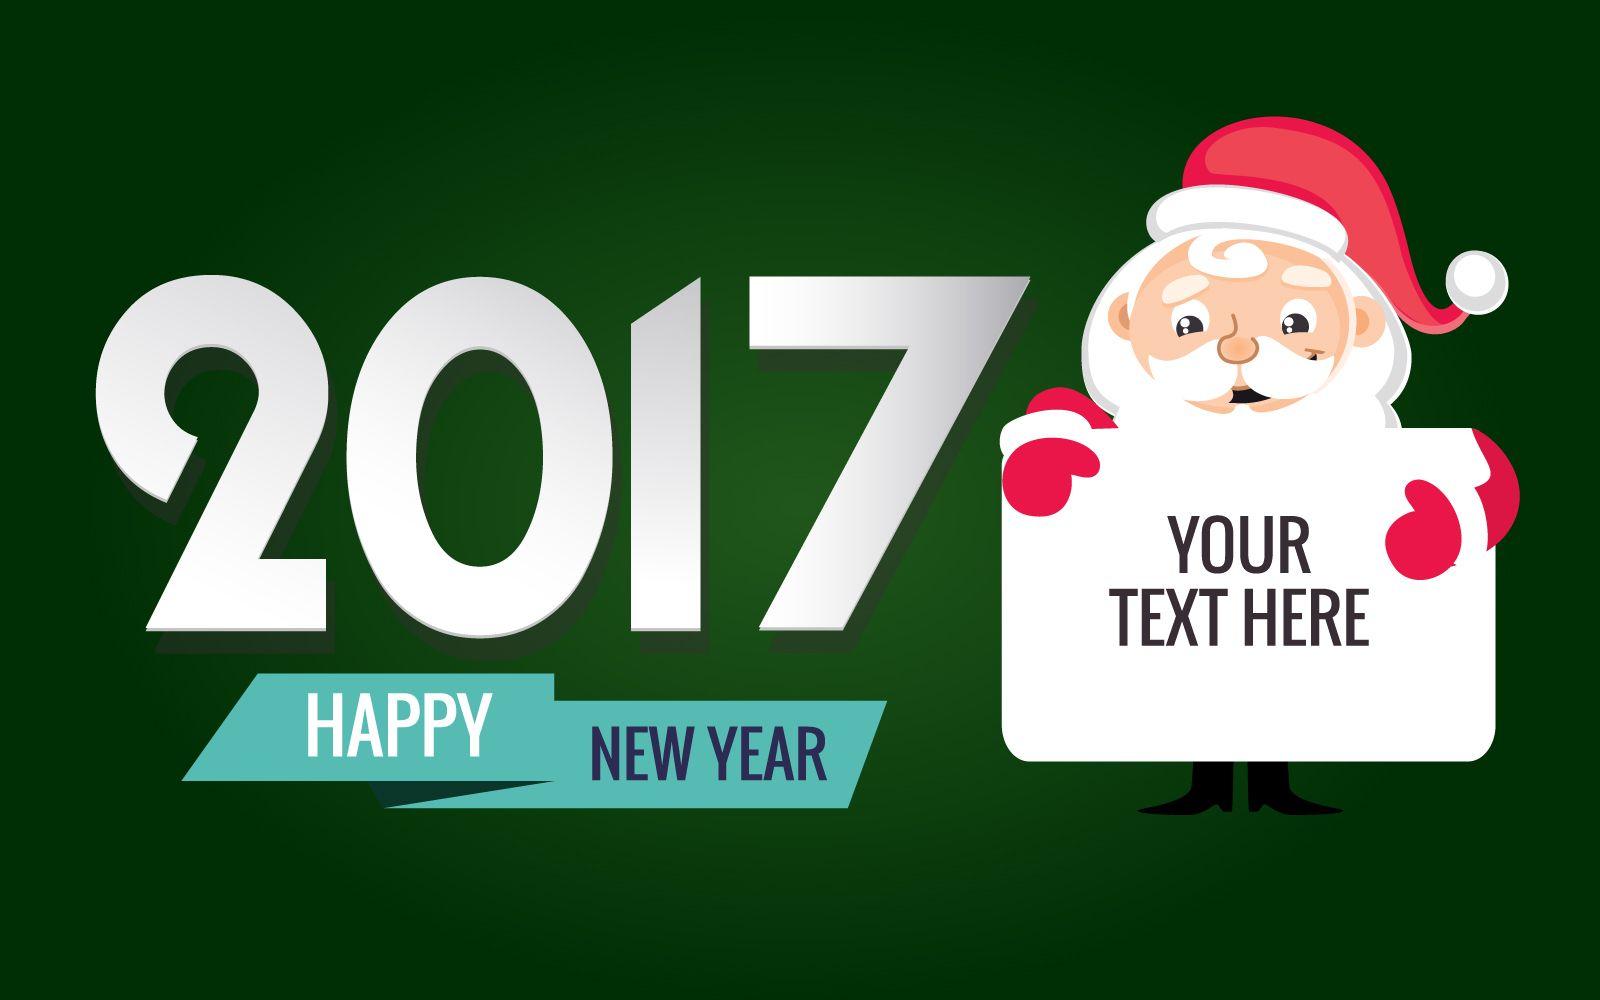 2017 new year and Xmas card editor